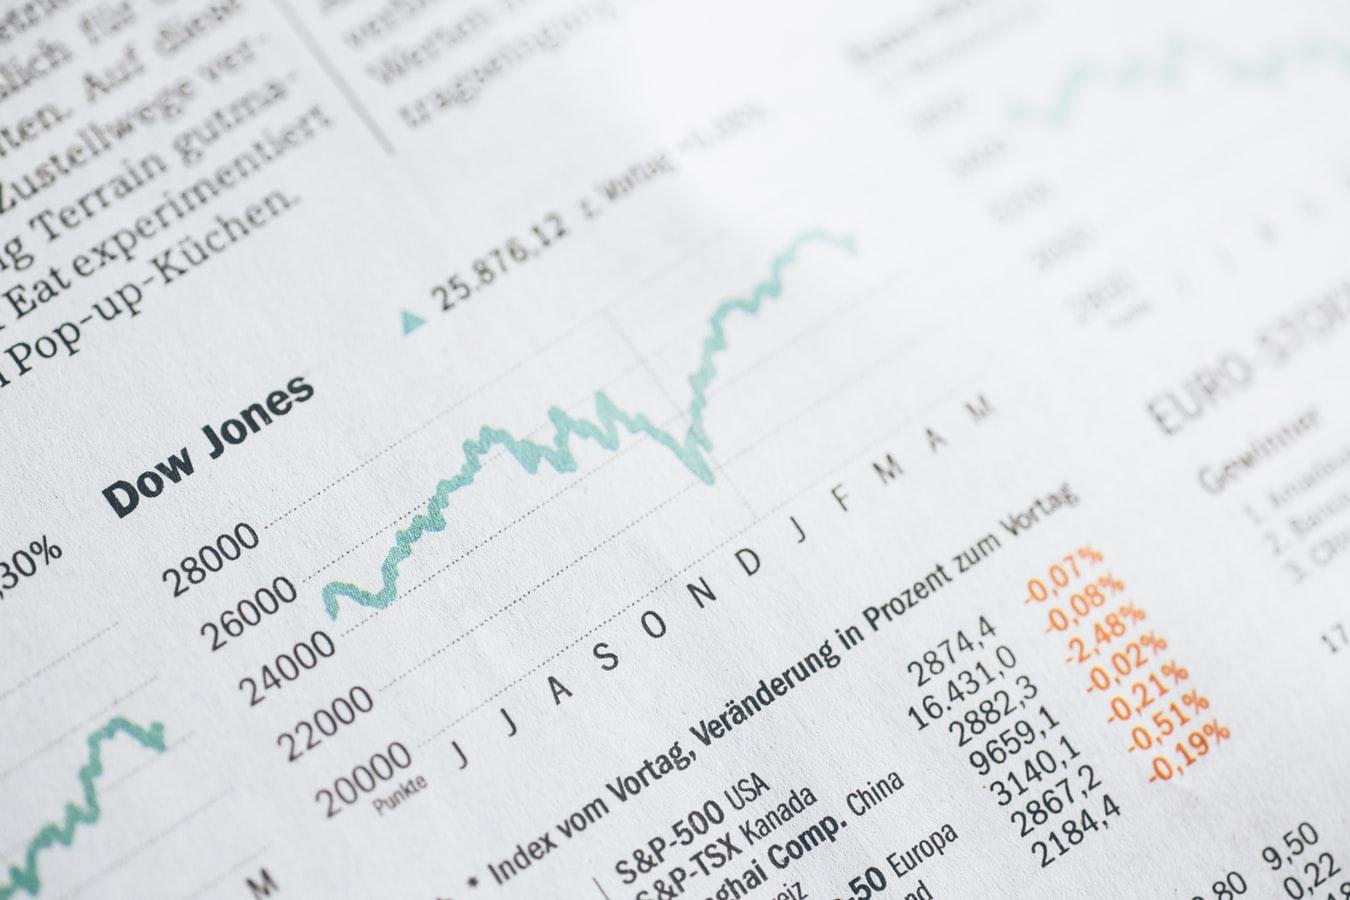 3 niveles de gestión empresarial: estratégico, táctico y operativo